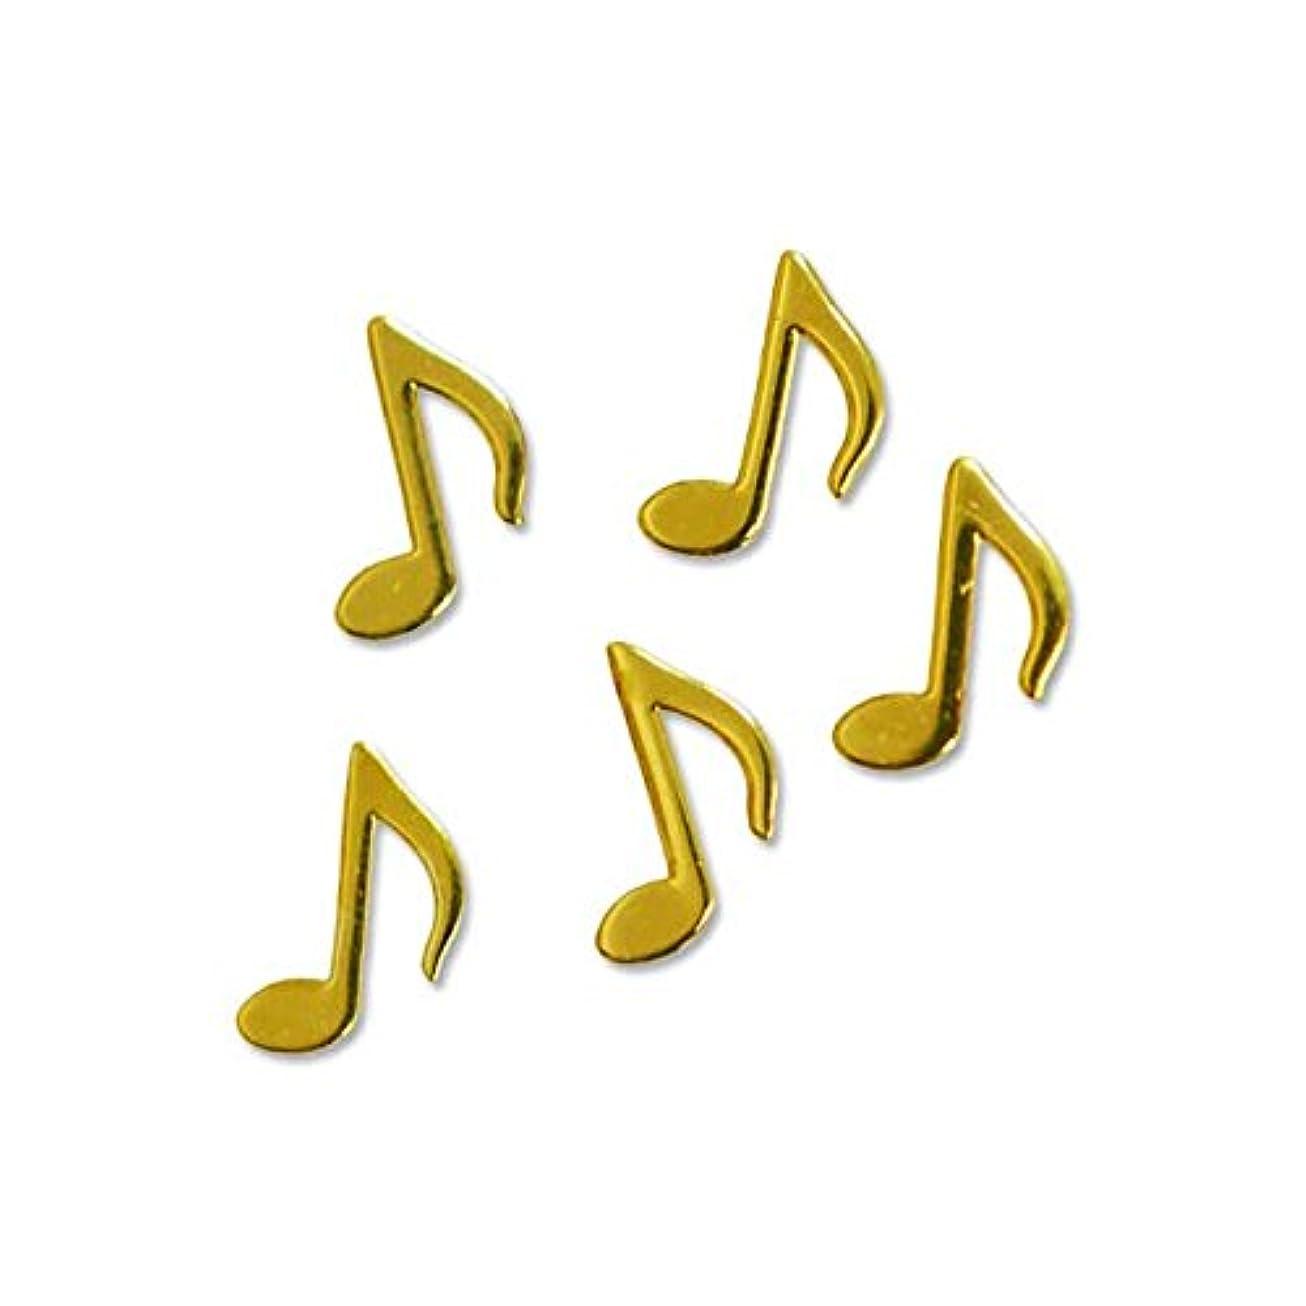 煩わしいハブ失礼な薄型メタルパーツ10025ミュージック 音符 おたまじゃくし4mm×5mm(ゴールド)/20p入り